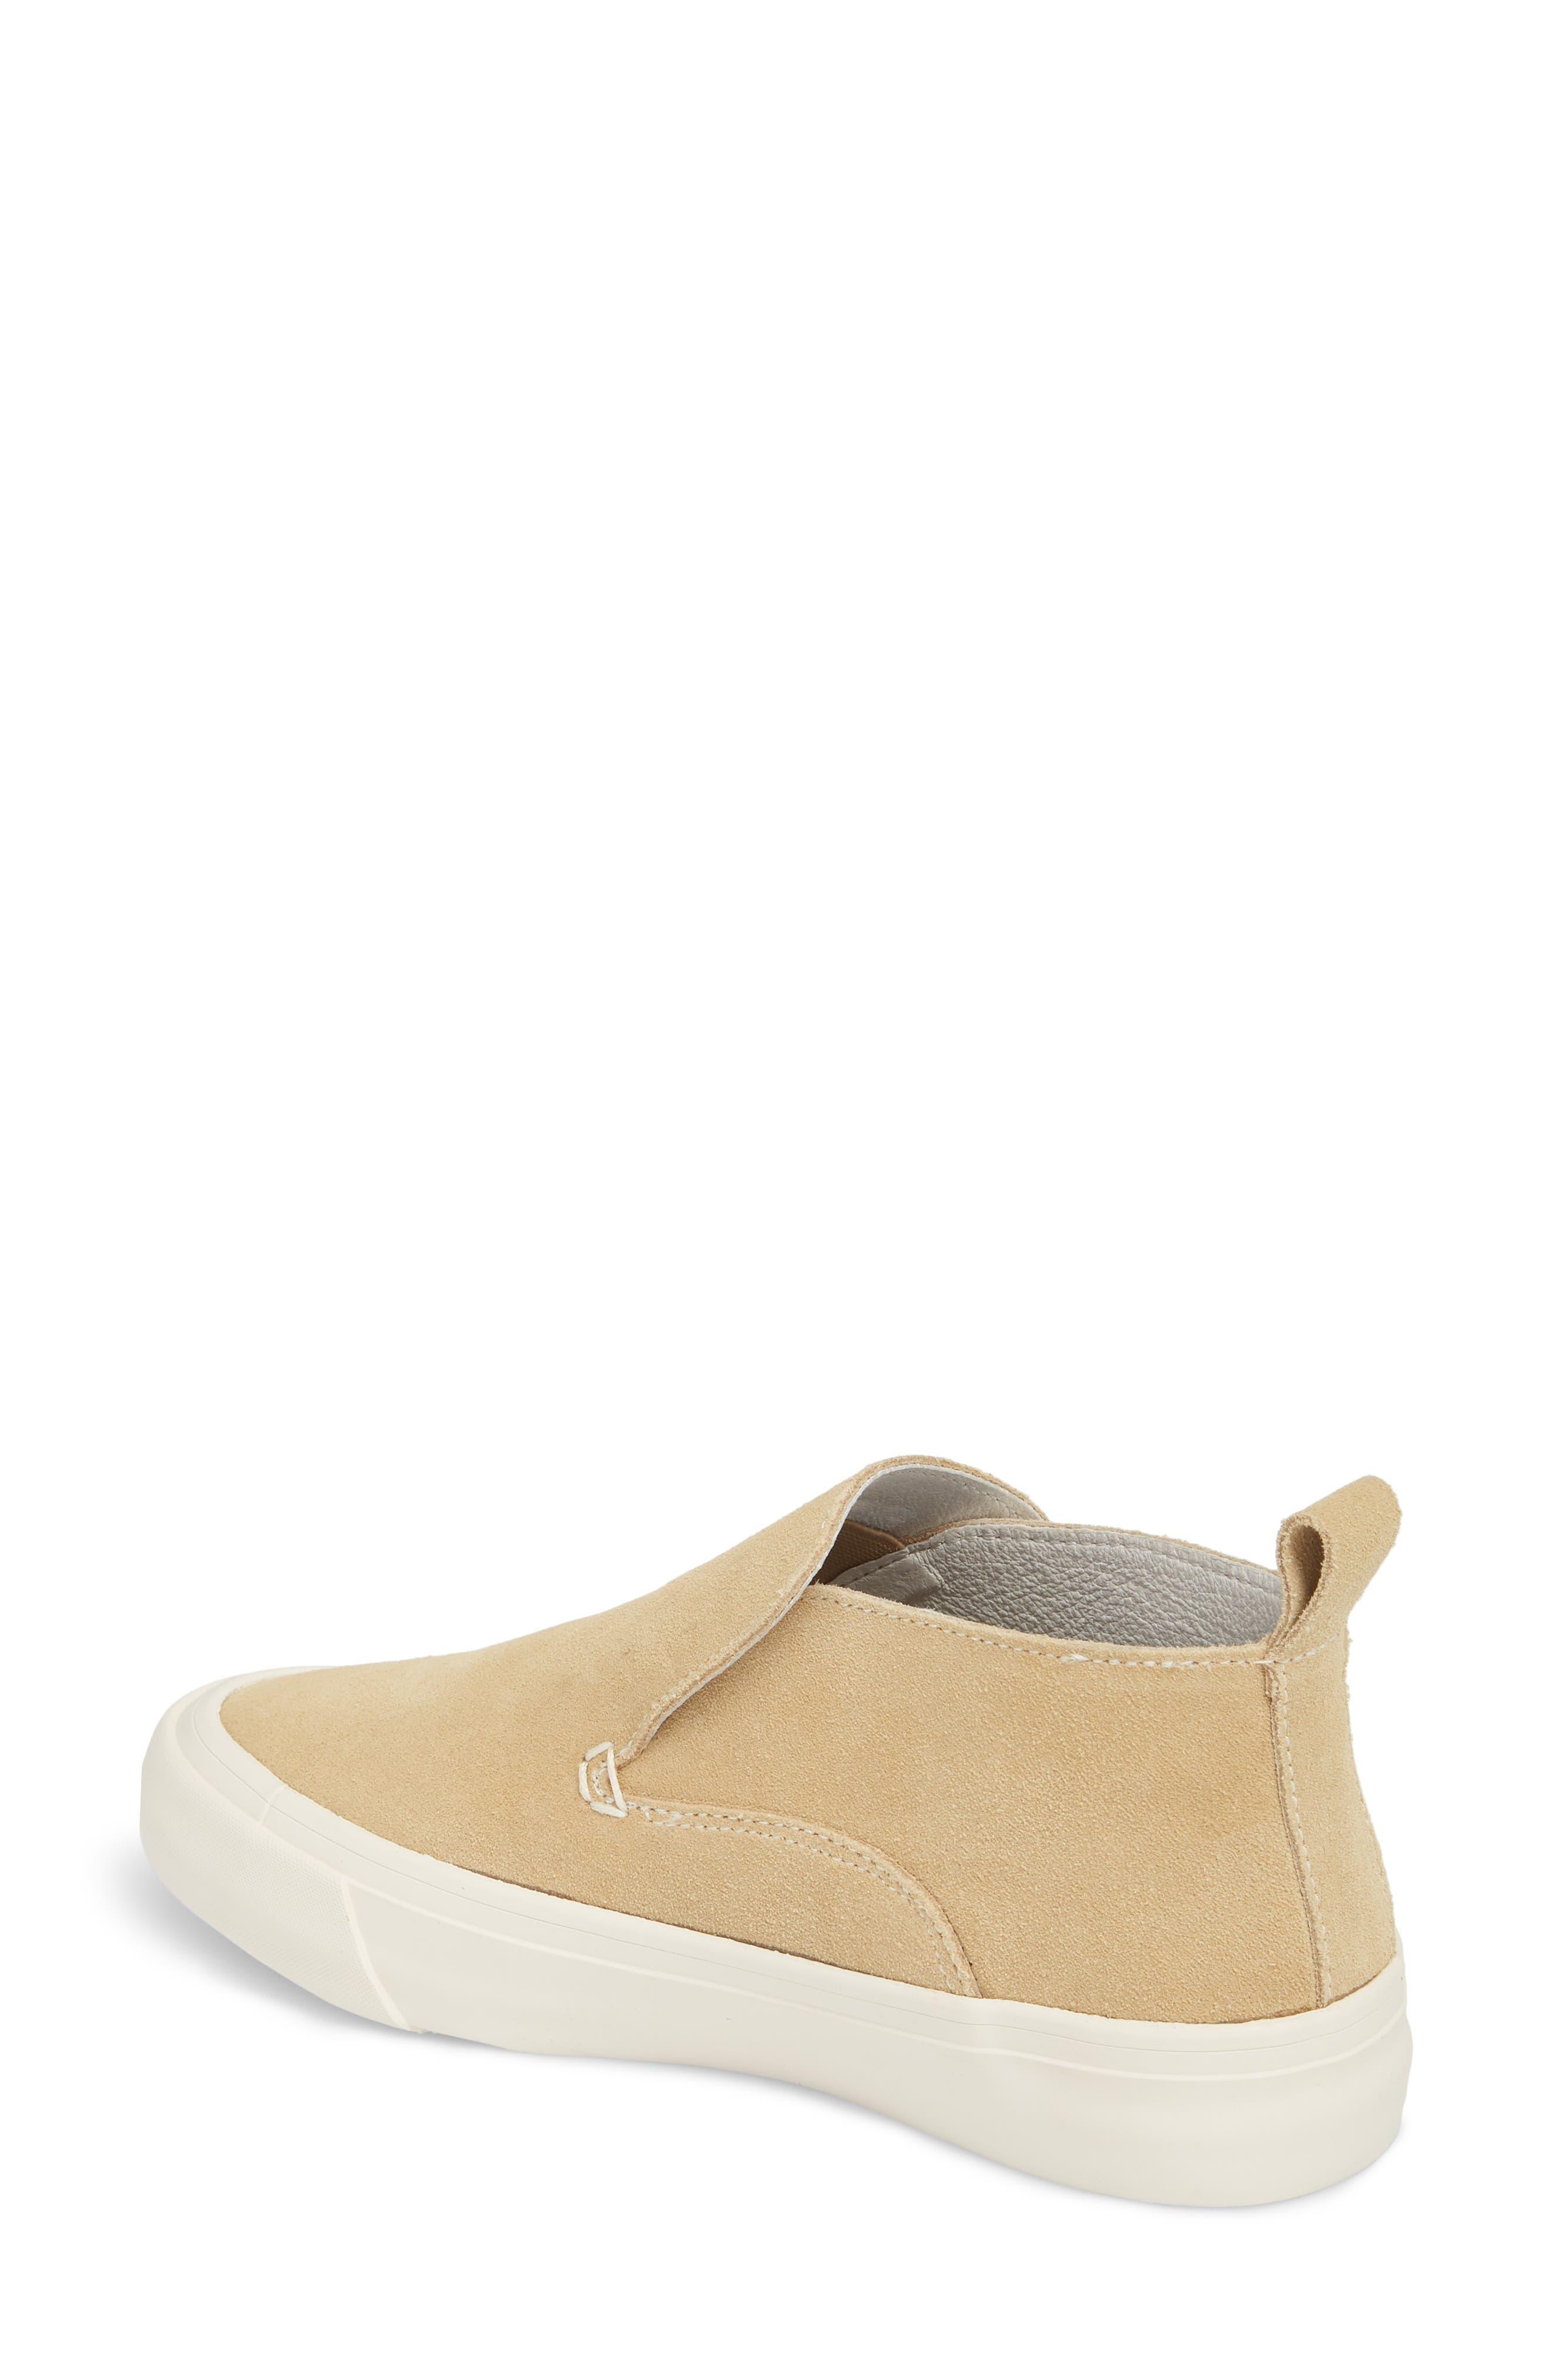 Huntington Middie Slip-On Sneaker,                             Alternate thumbnail 2, color,                             Dune